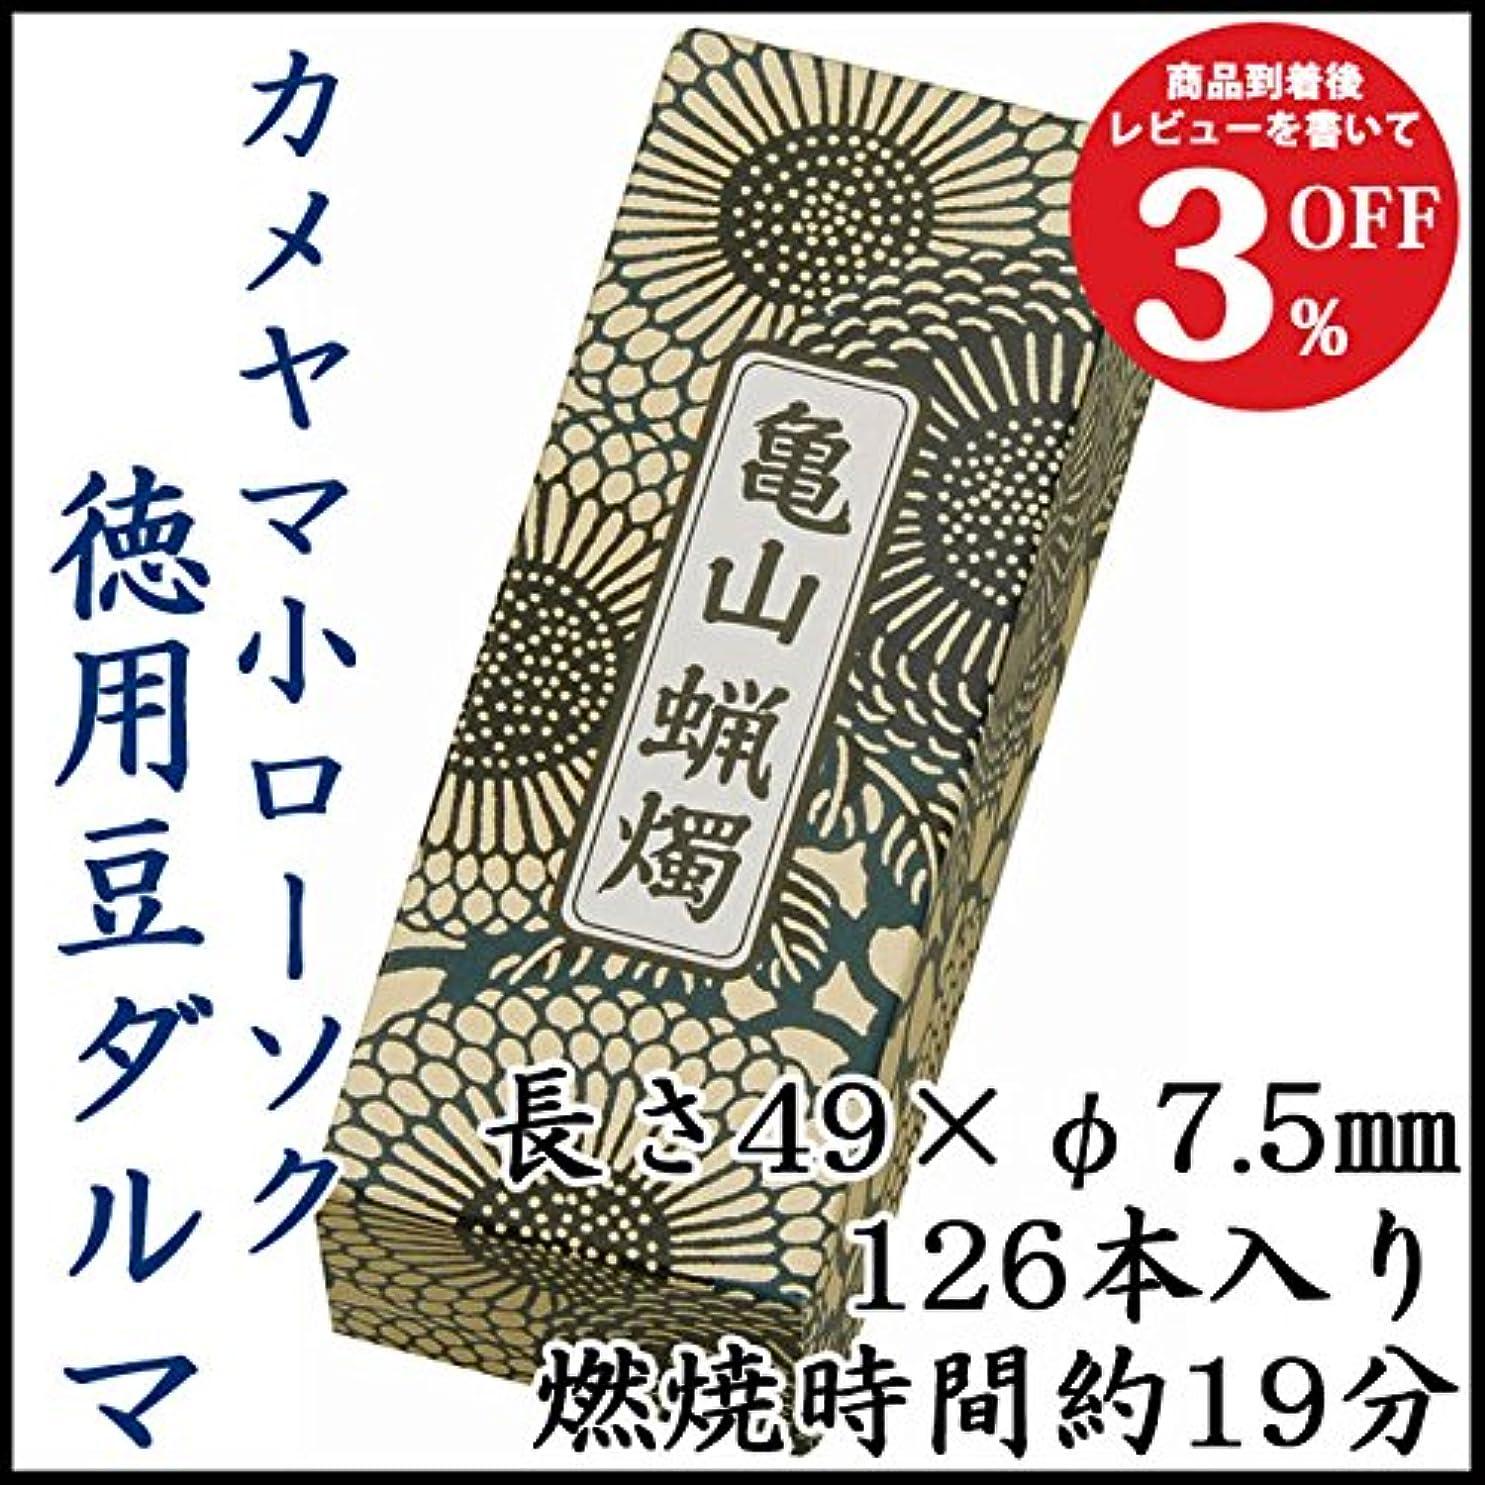 津波市長日食カメヤマ小ローソク 徳用豆ダルマA#151 225g